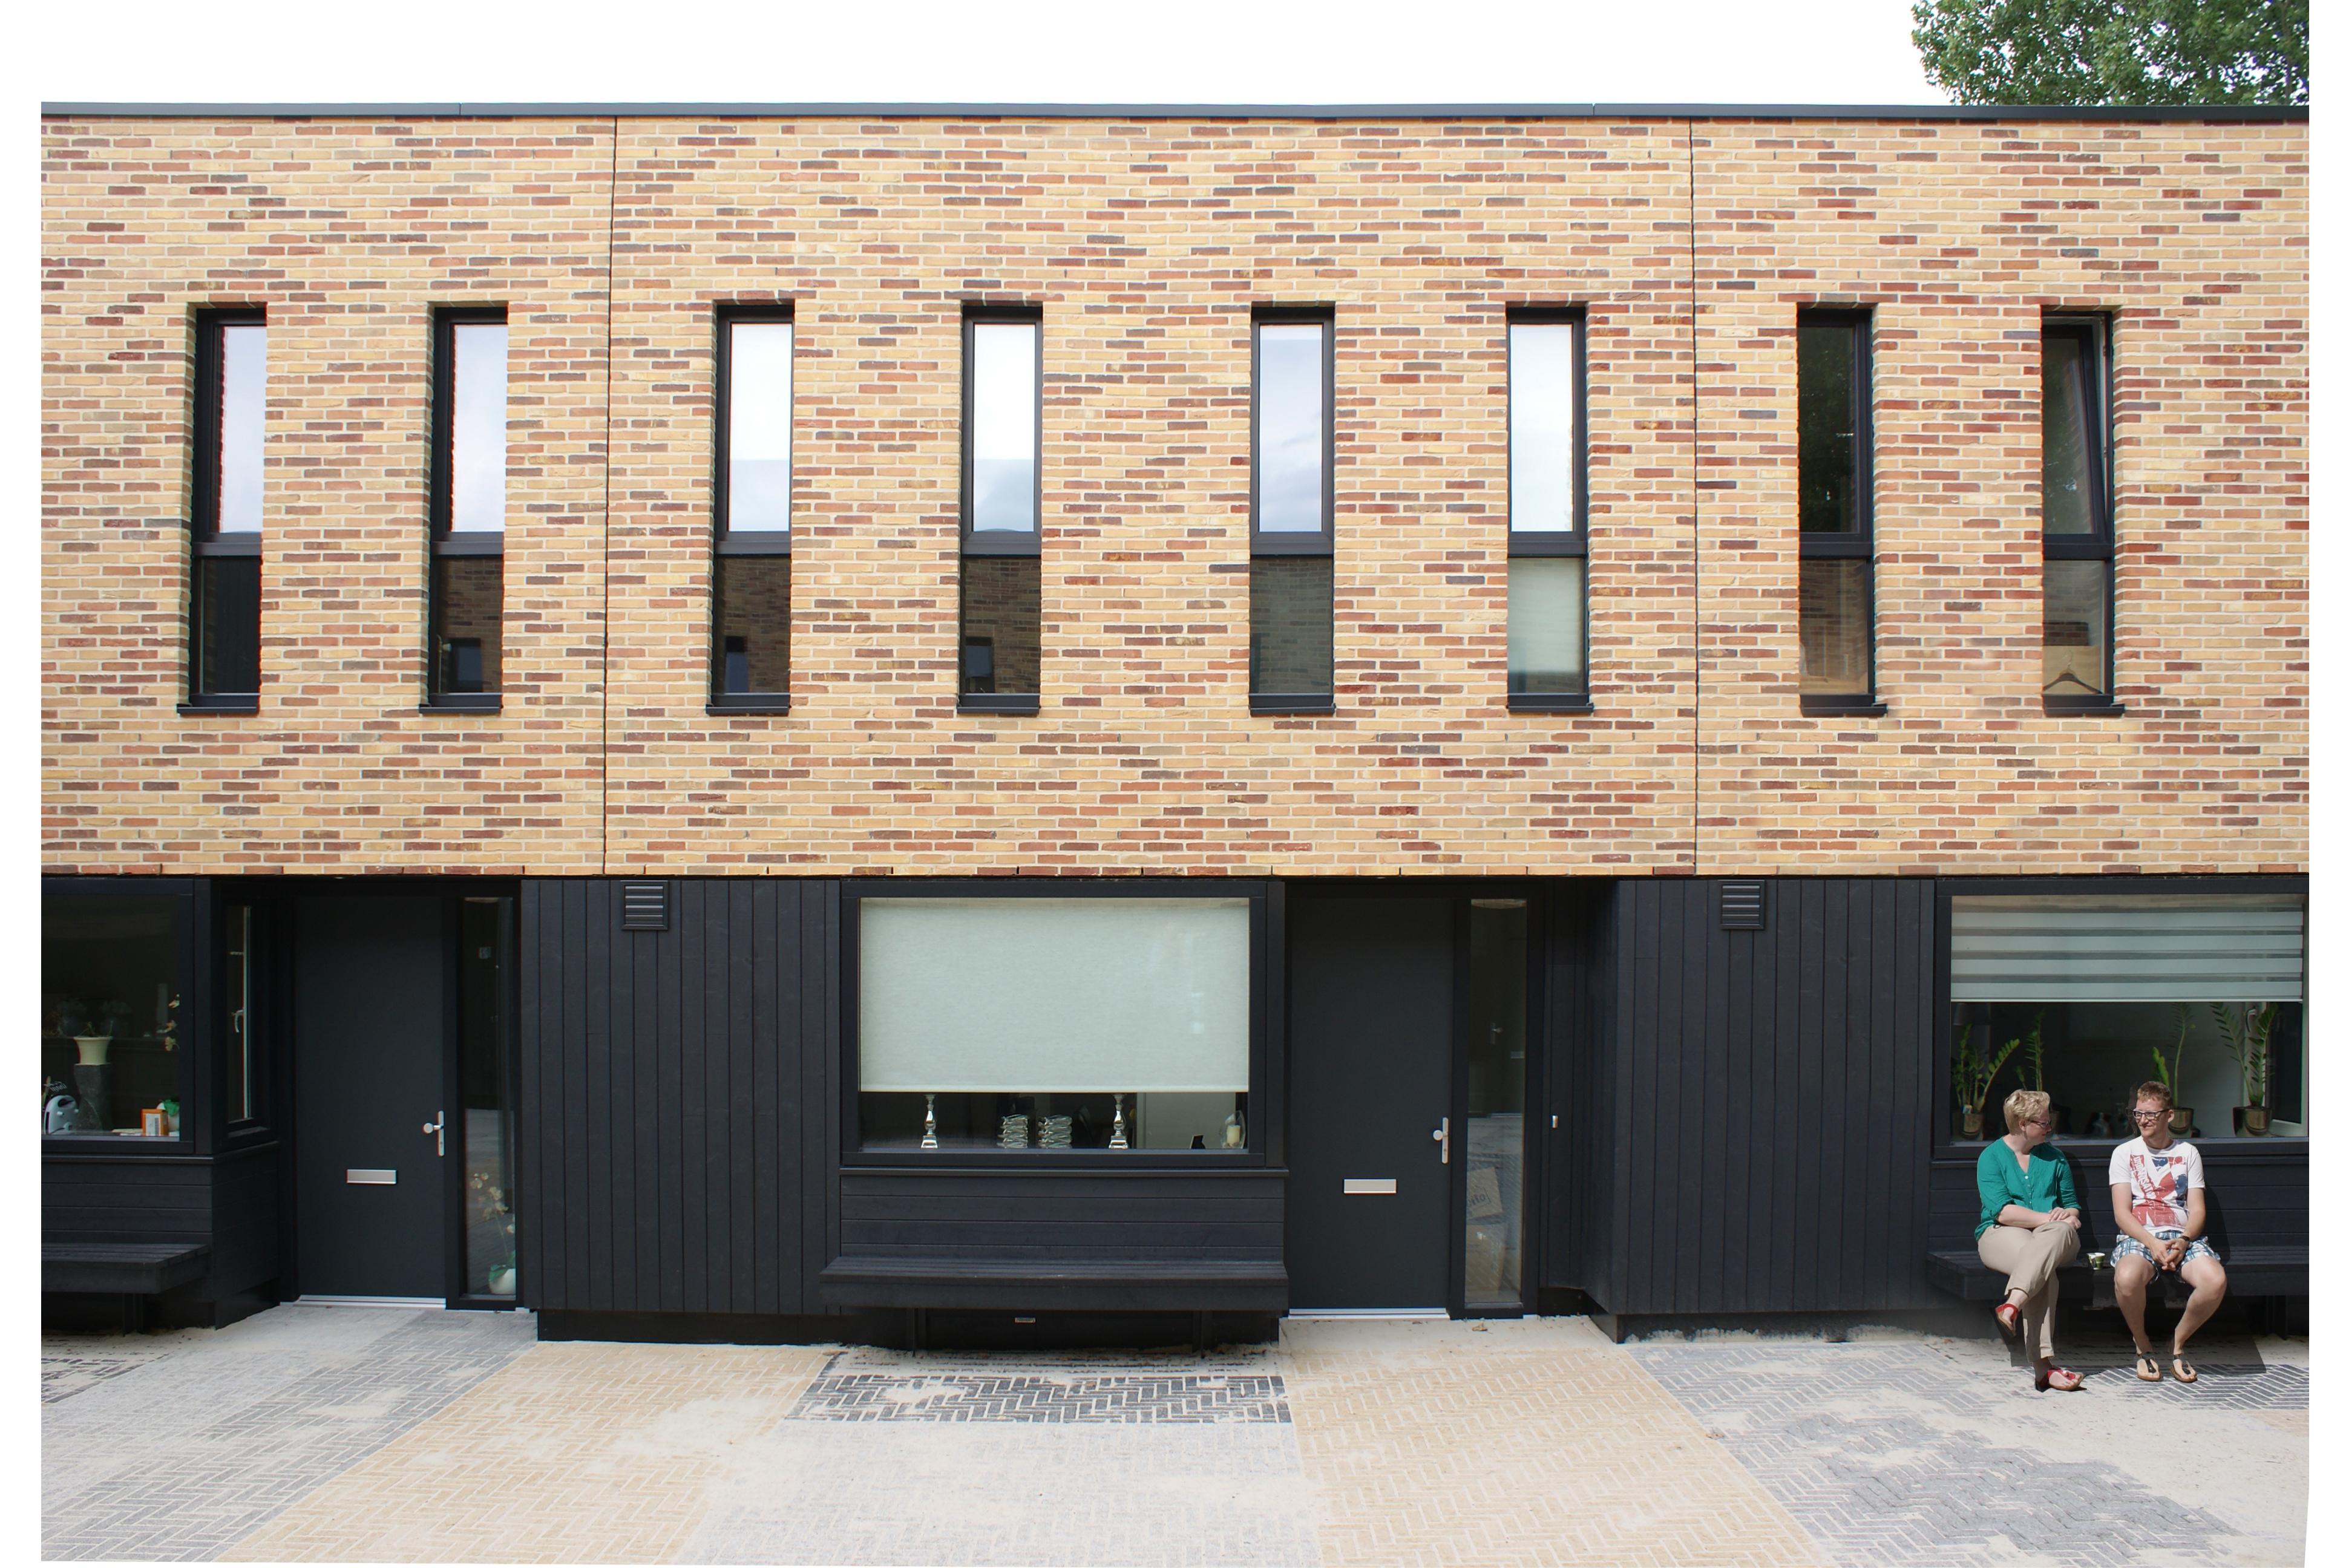 Van Ringen Architecten Soc Woningbouw Nom VKG Nieuwbouwprijs 2014